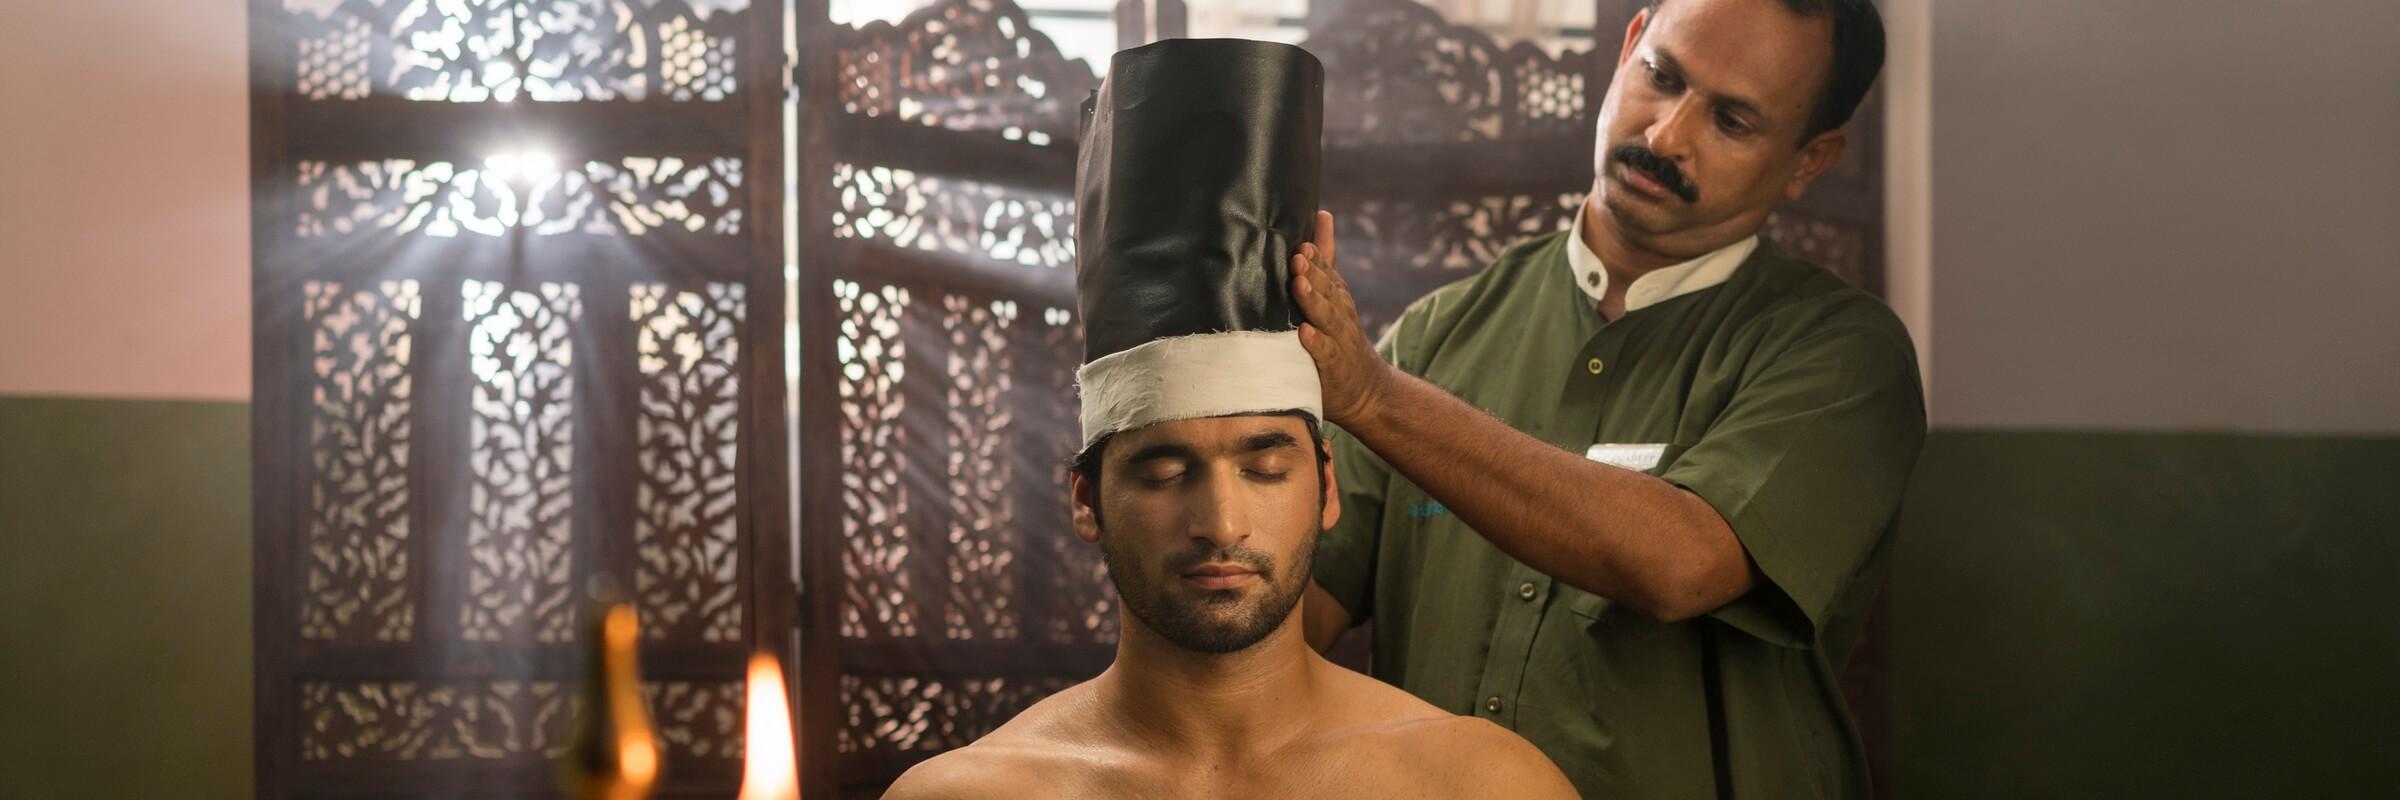 Die vielfältigen Anwendungen im Ananda Lakshmi Ayurveda Retreat werden von einem erfahrenen Ayurveda-Arzt speziell auf den jeweiligen Körpertyp abgestimmt.